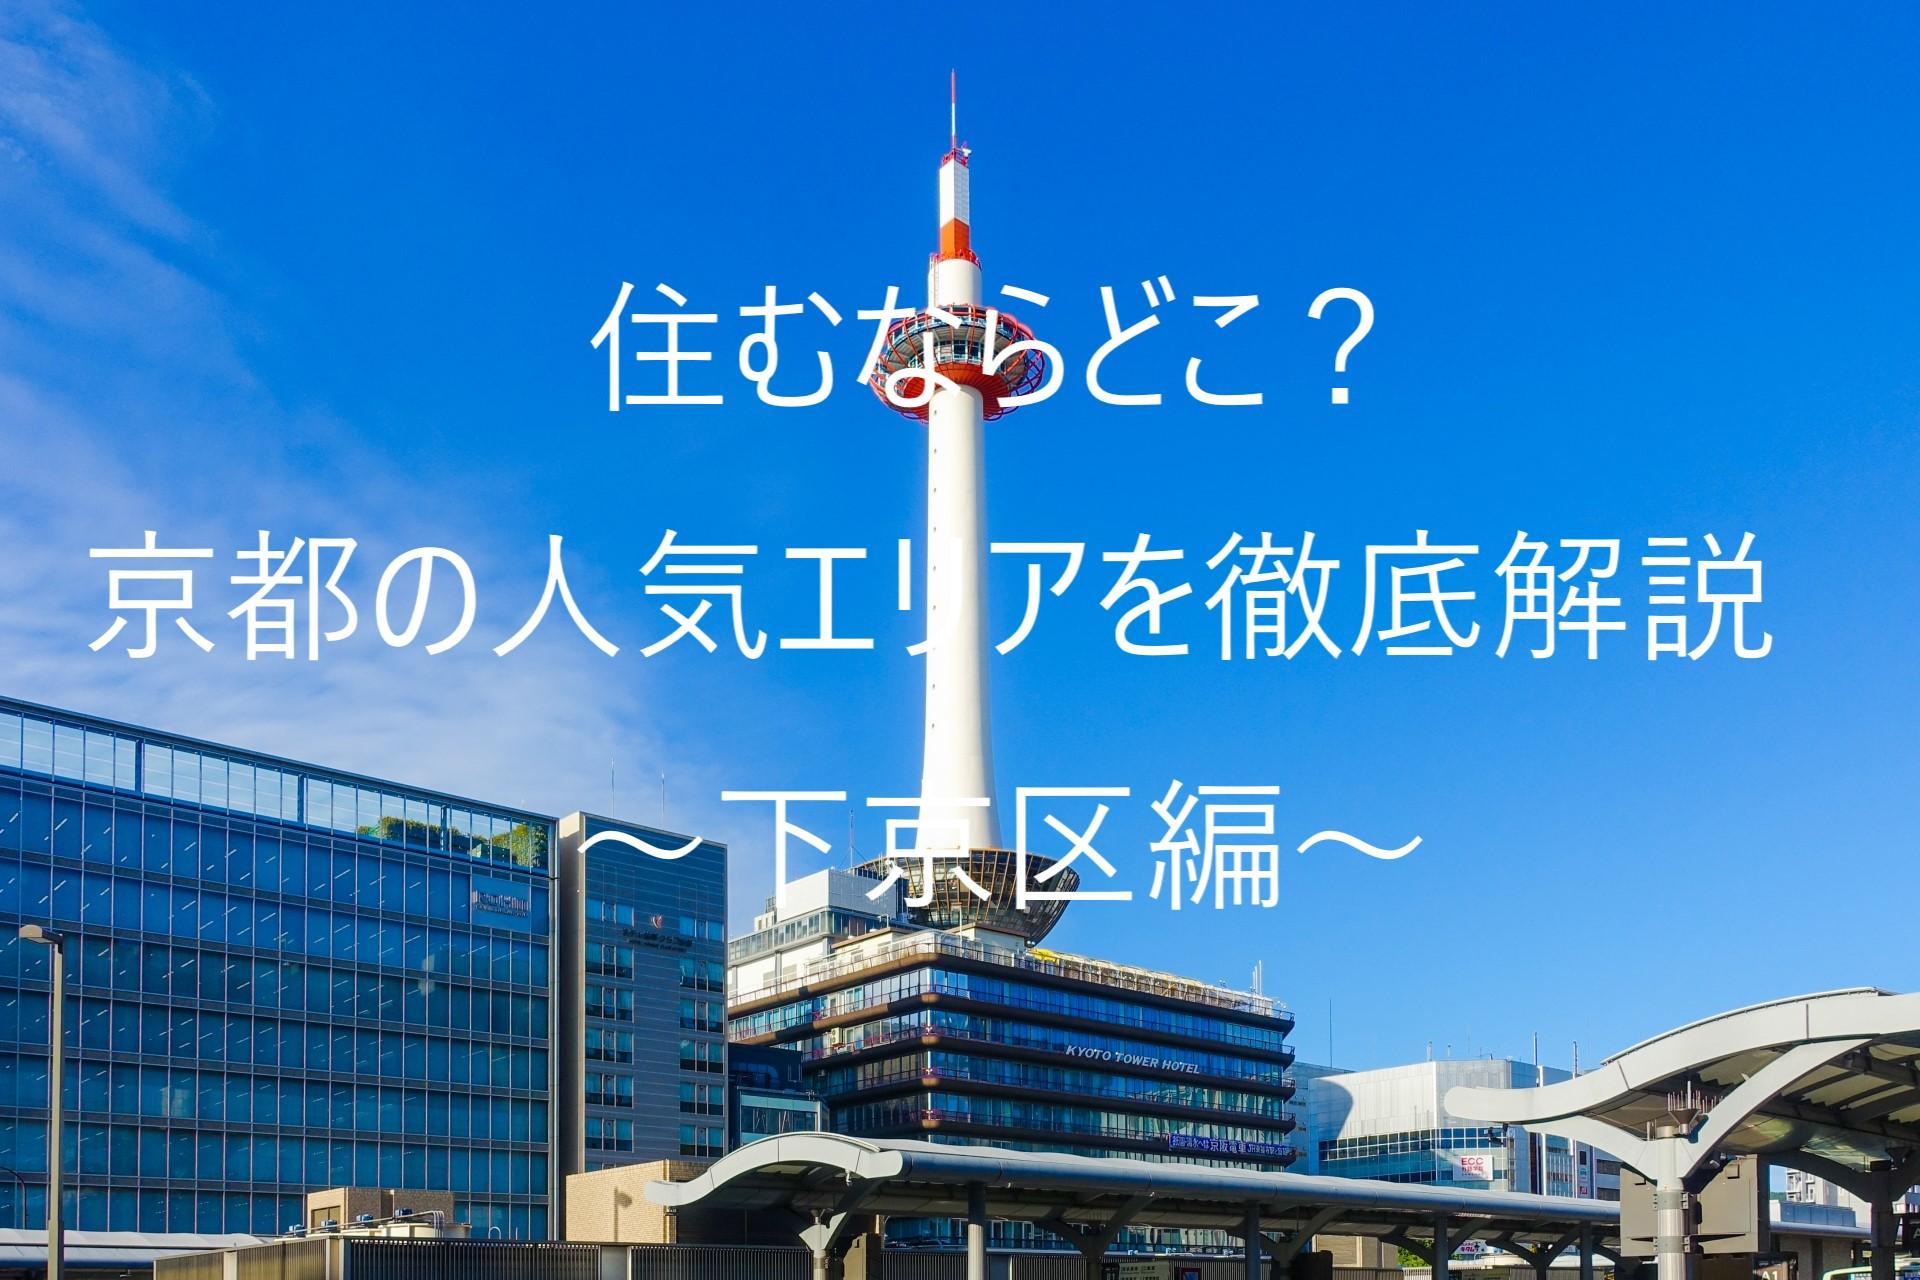 住むならどこ?京都の人気エリアを徹底解説!下京区編